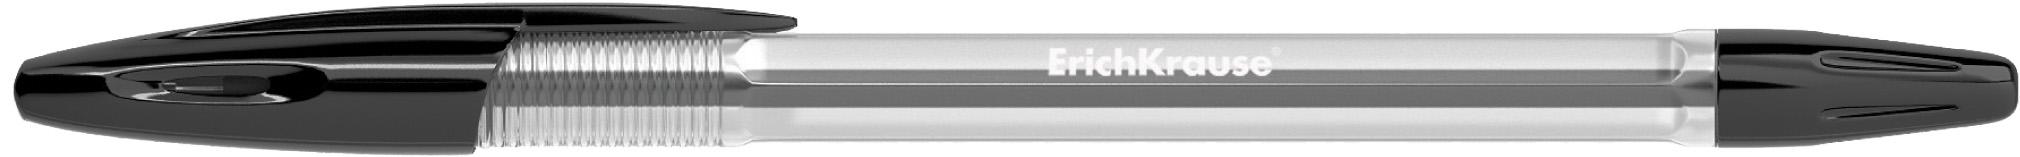 ккКанц Ручка шариковая EK R-301 черная прозр. корпус